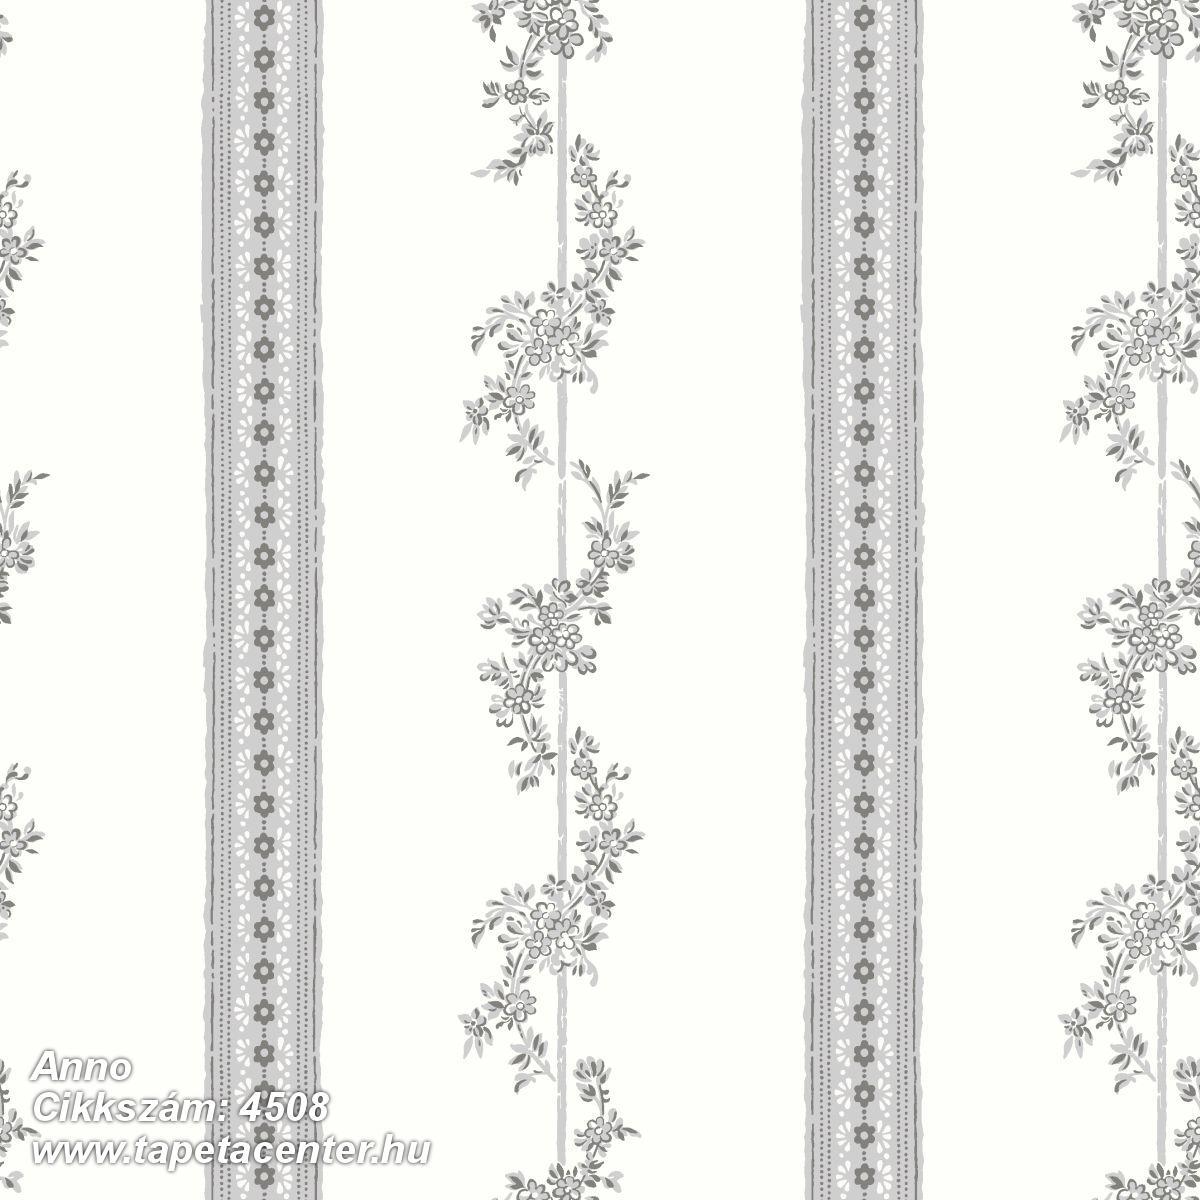 Barokk-klasszikus,csíkos,különleges motívumos,rajzolt,retro,virágmintás,bézs-drapp,fehér,vajszín,lemosható,vlies tapéta